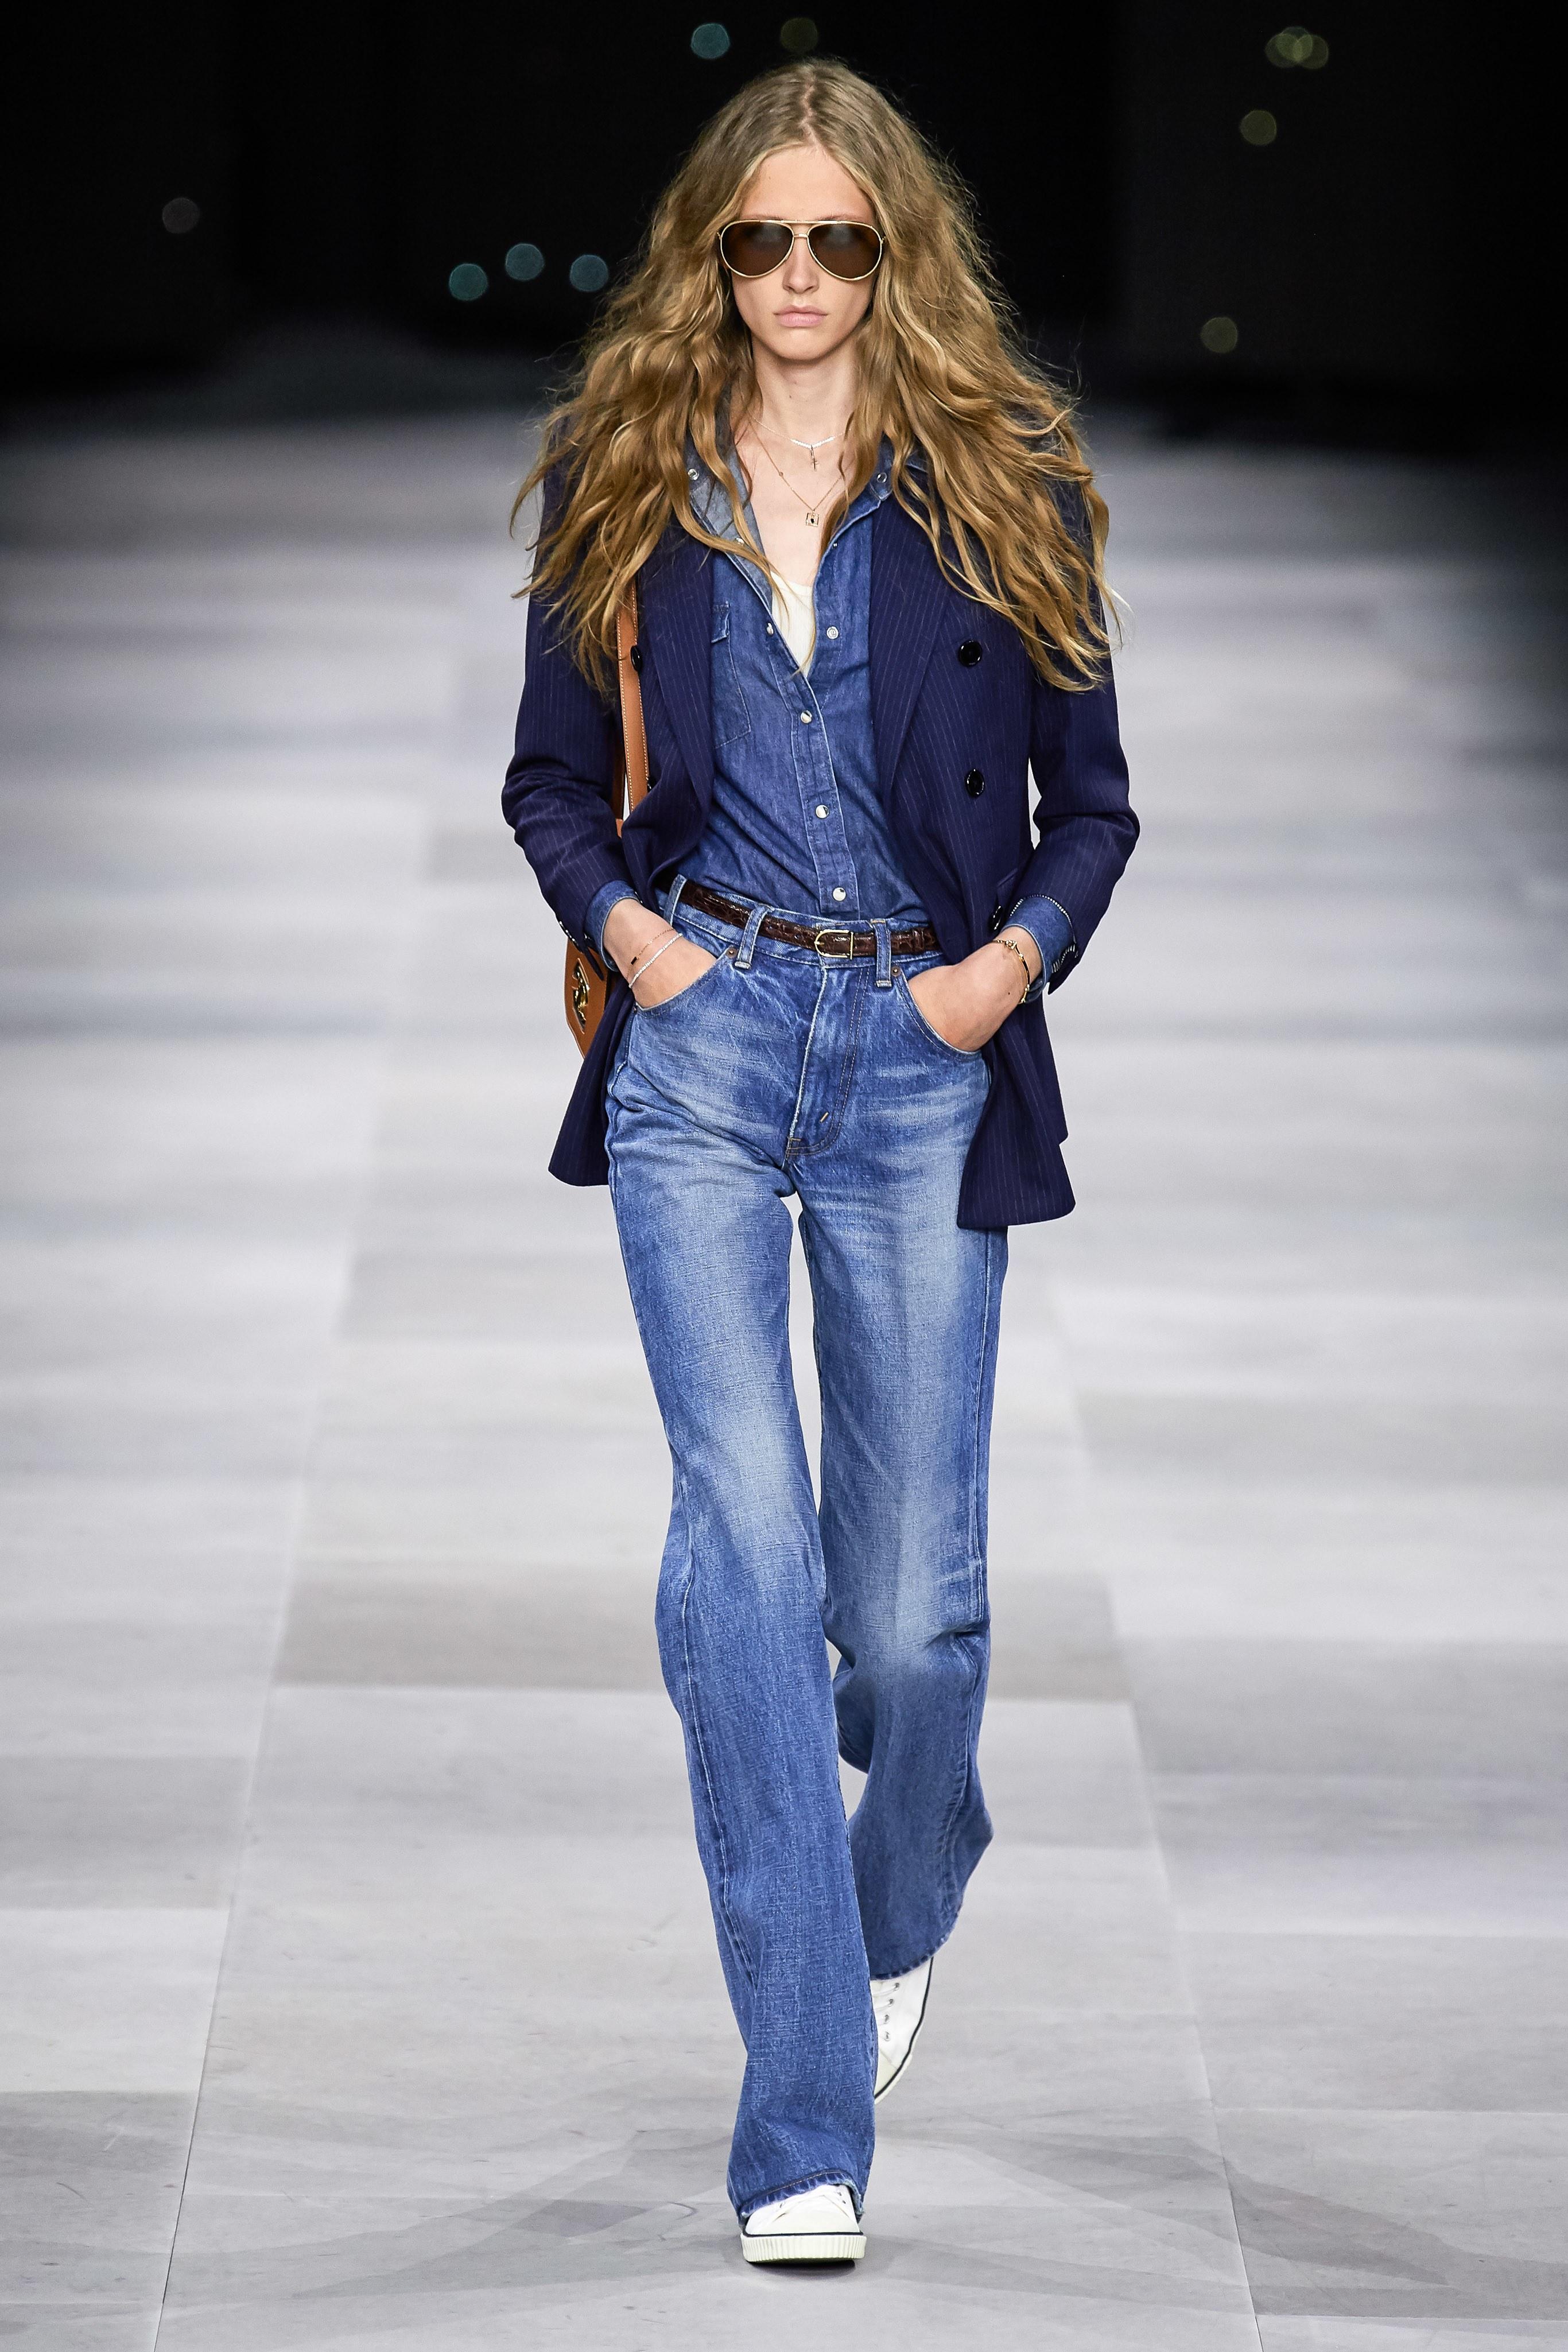 quần jeans ống rộng, áo sơ mi và áo khoác bộ sưu tập celine